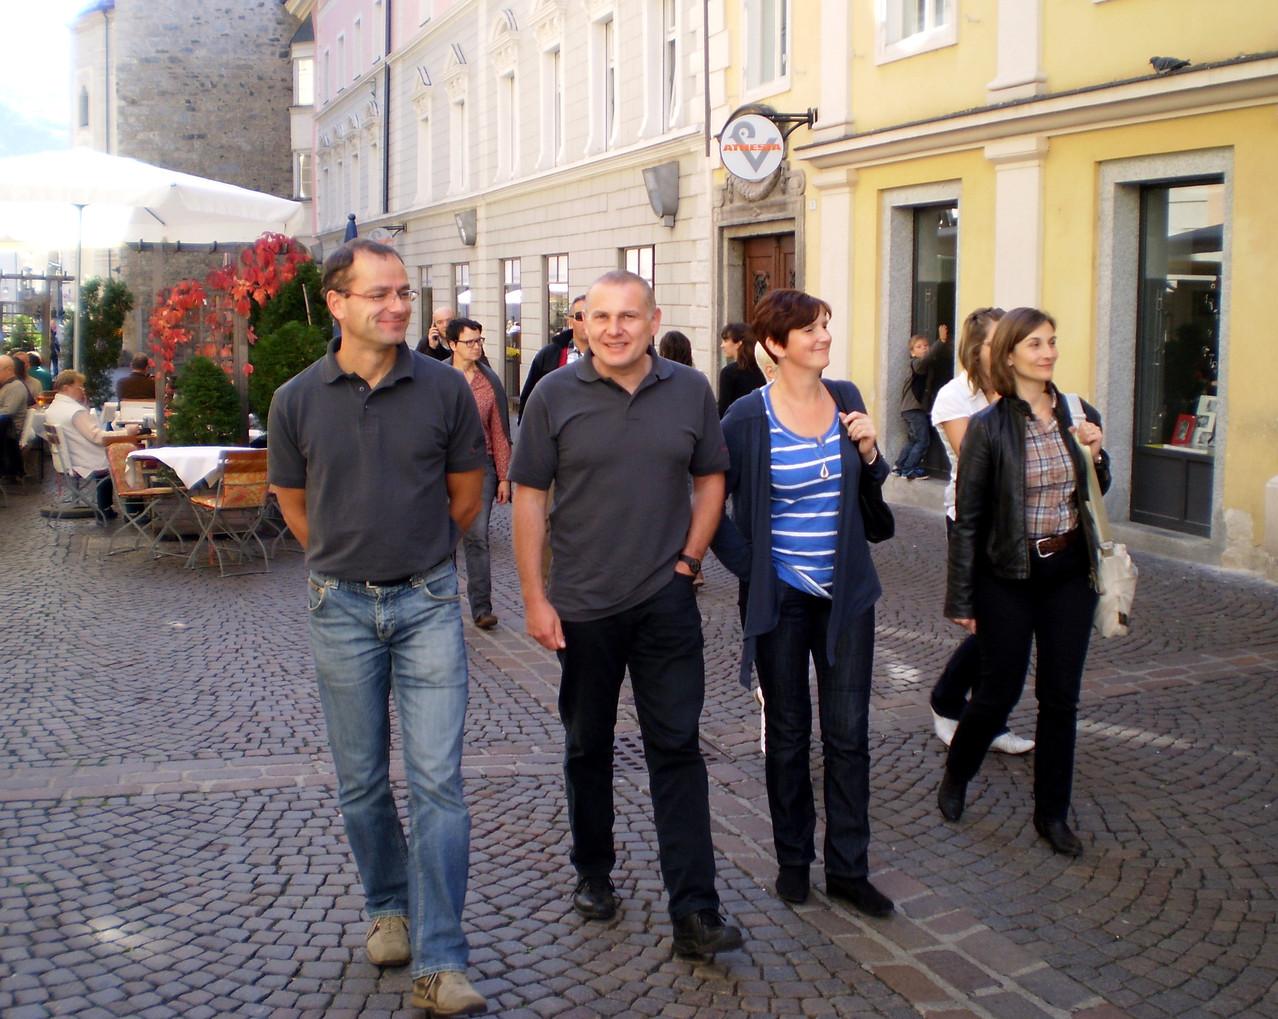 Gemütlicher Spaziergang durch die Altstadt von Brixen. Koll. Mühlparzer, Koll. Wimmesberger und Gattin mit Koll. Aberham!